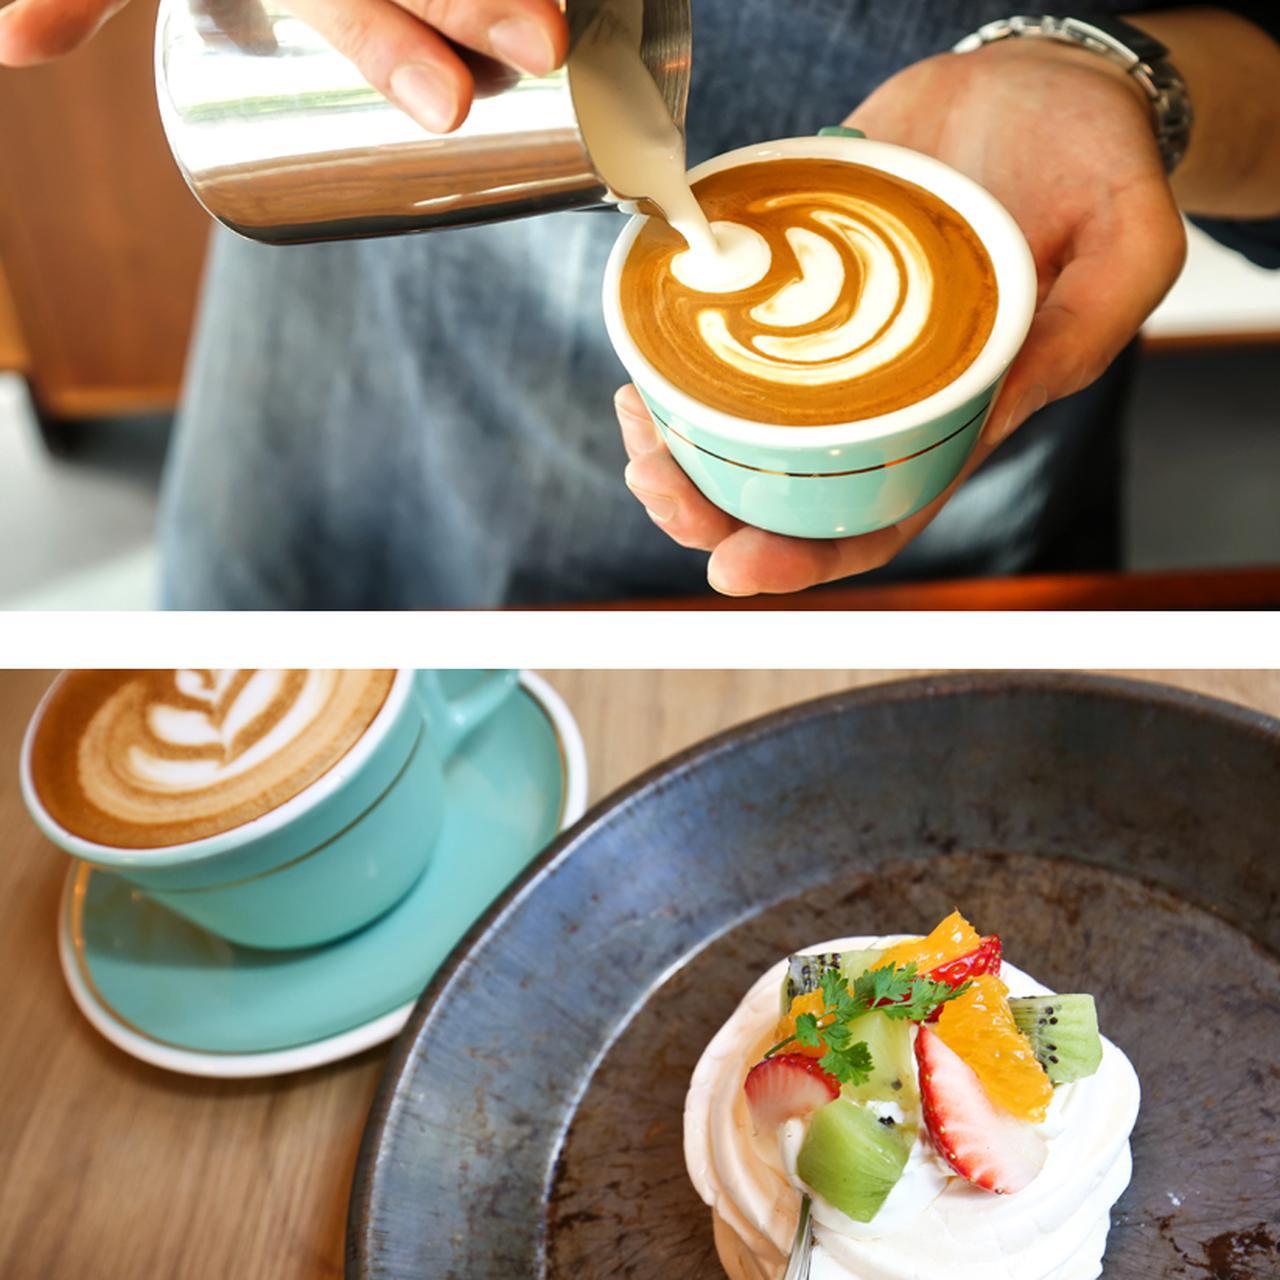 画像4: ニュージーランド発のブティックカフェ『モジョコーヒー』新メニュースタート!